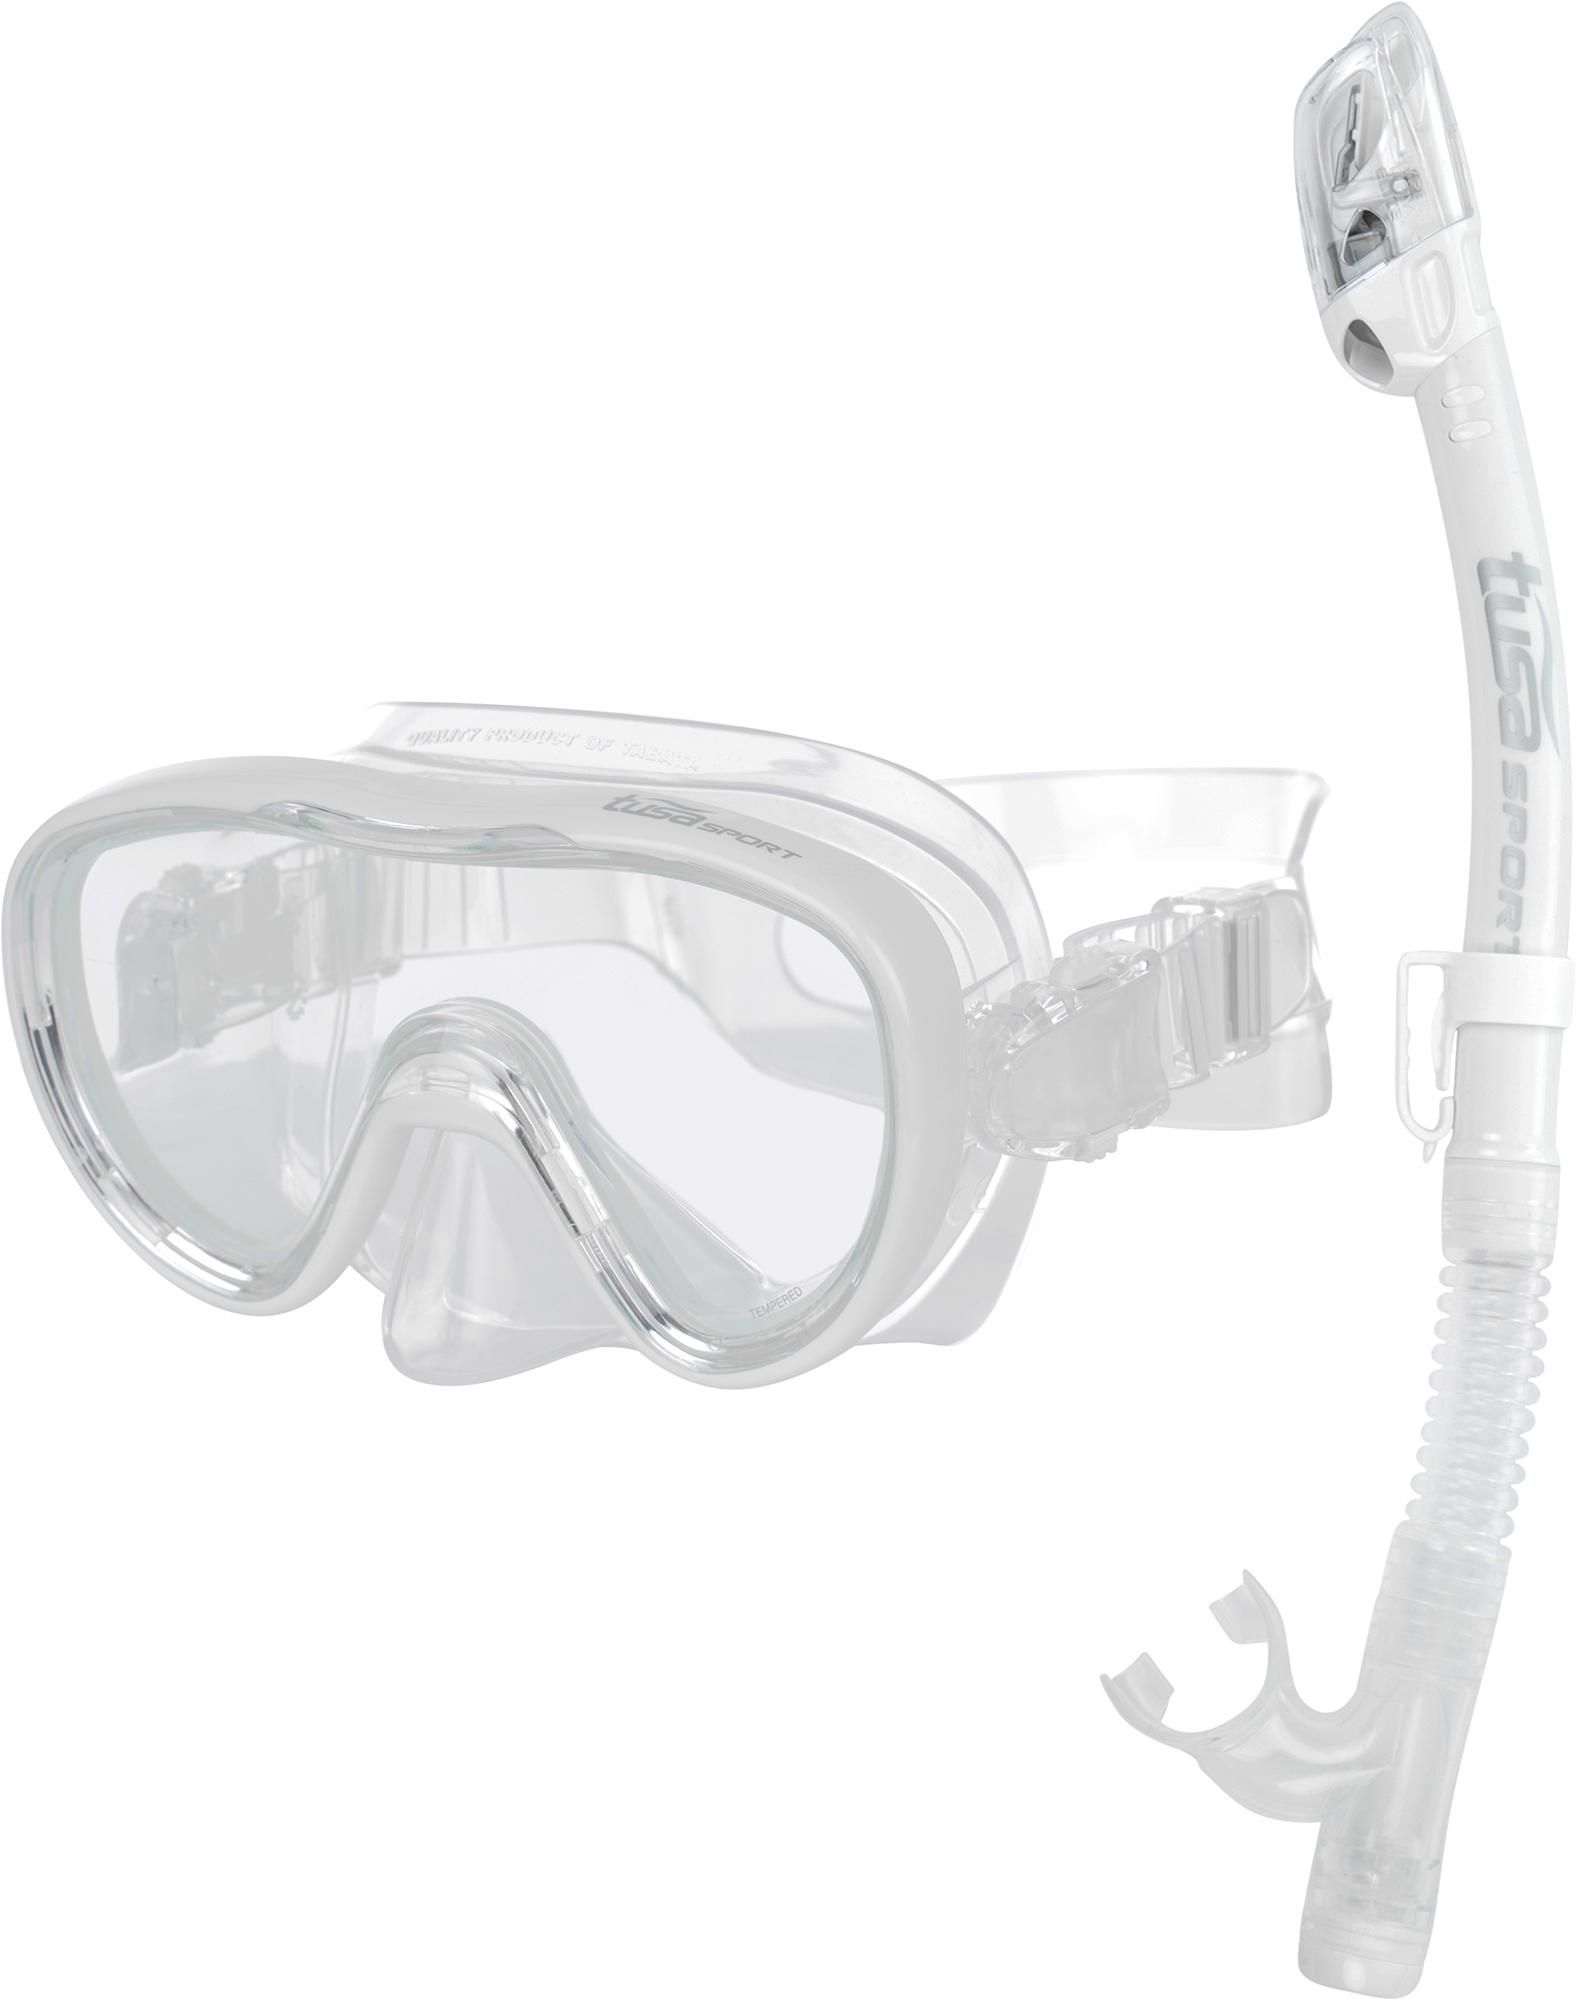 Tusa Набор для плавания детский: маска и трубка